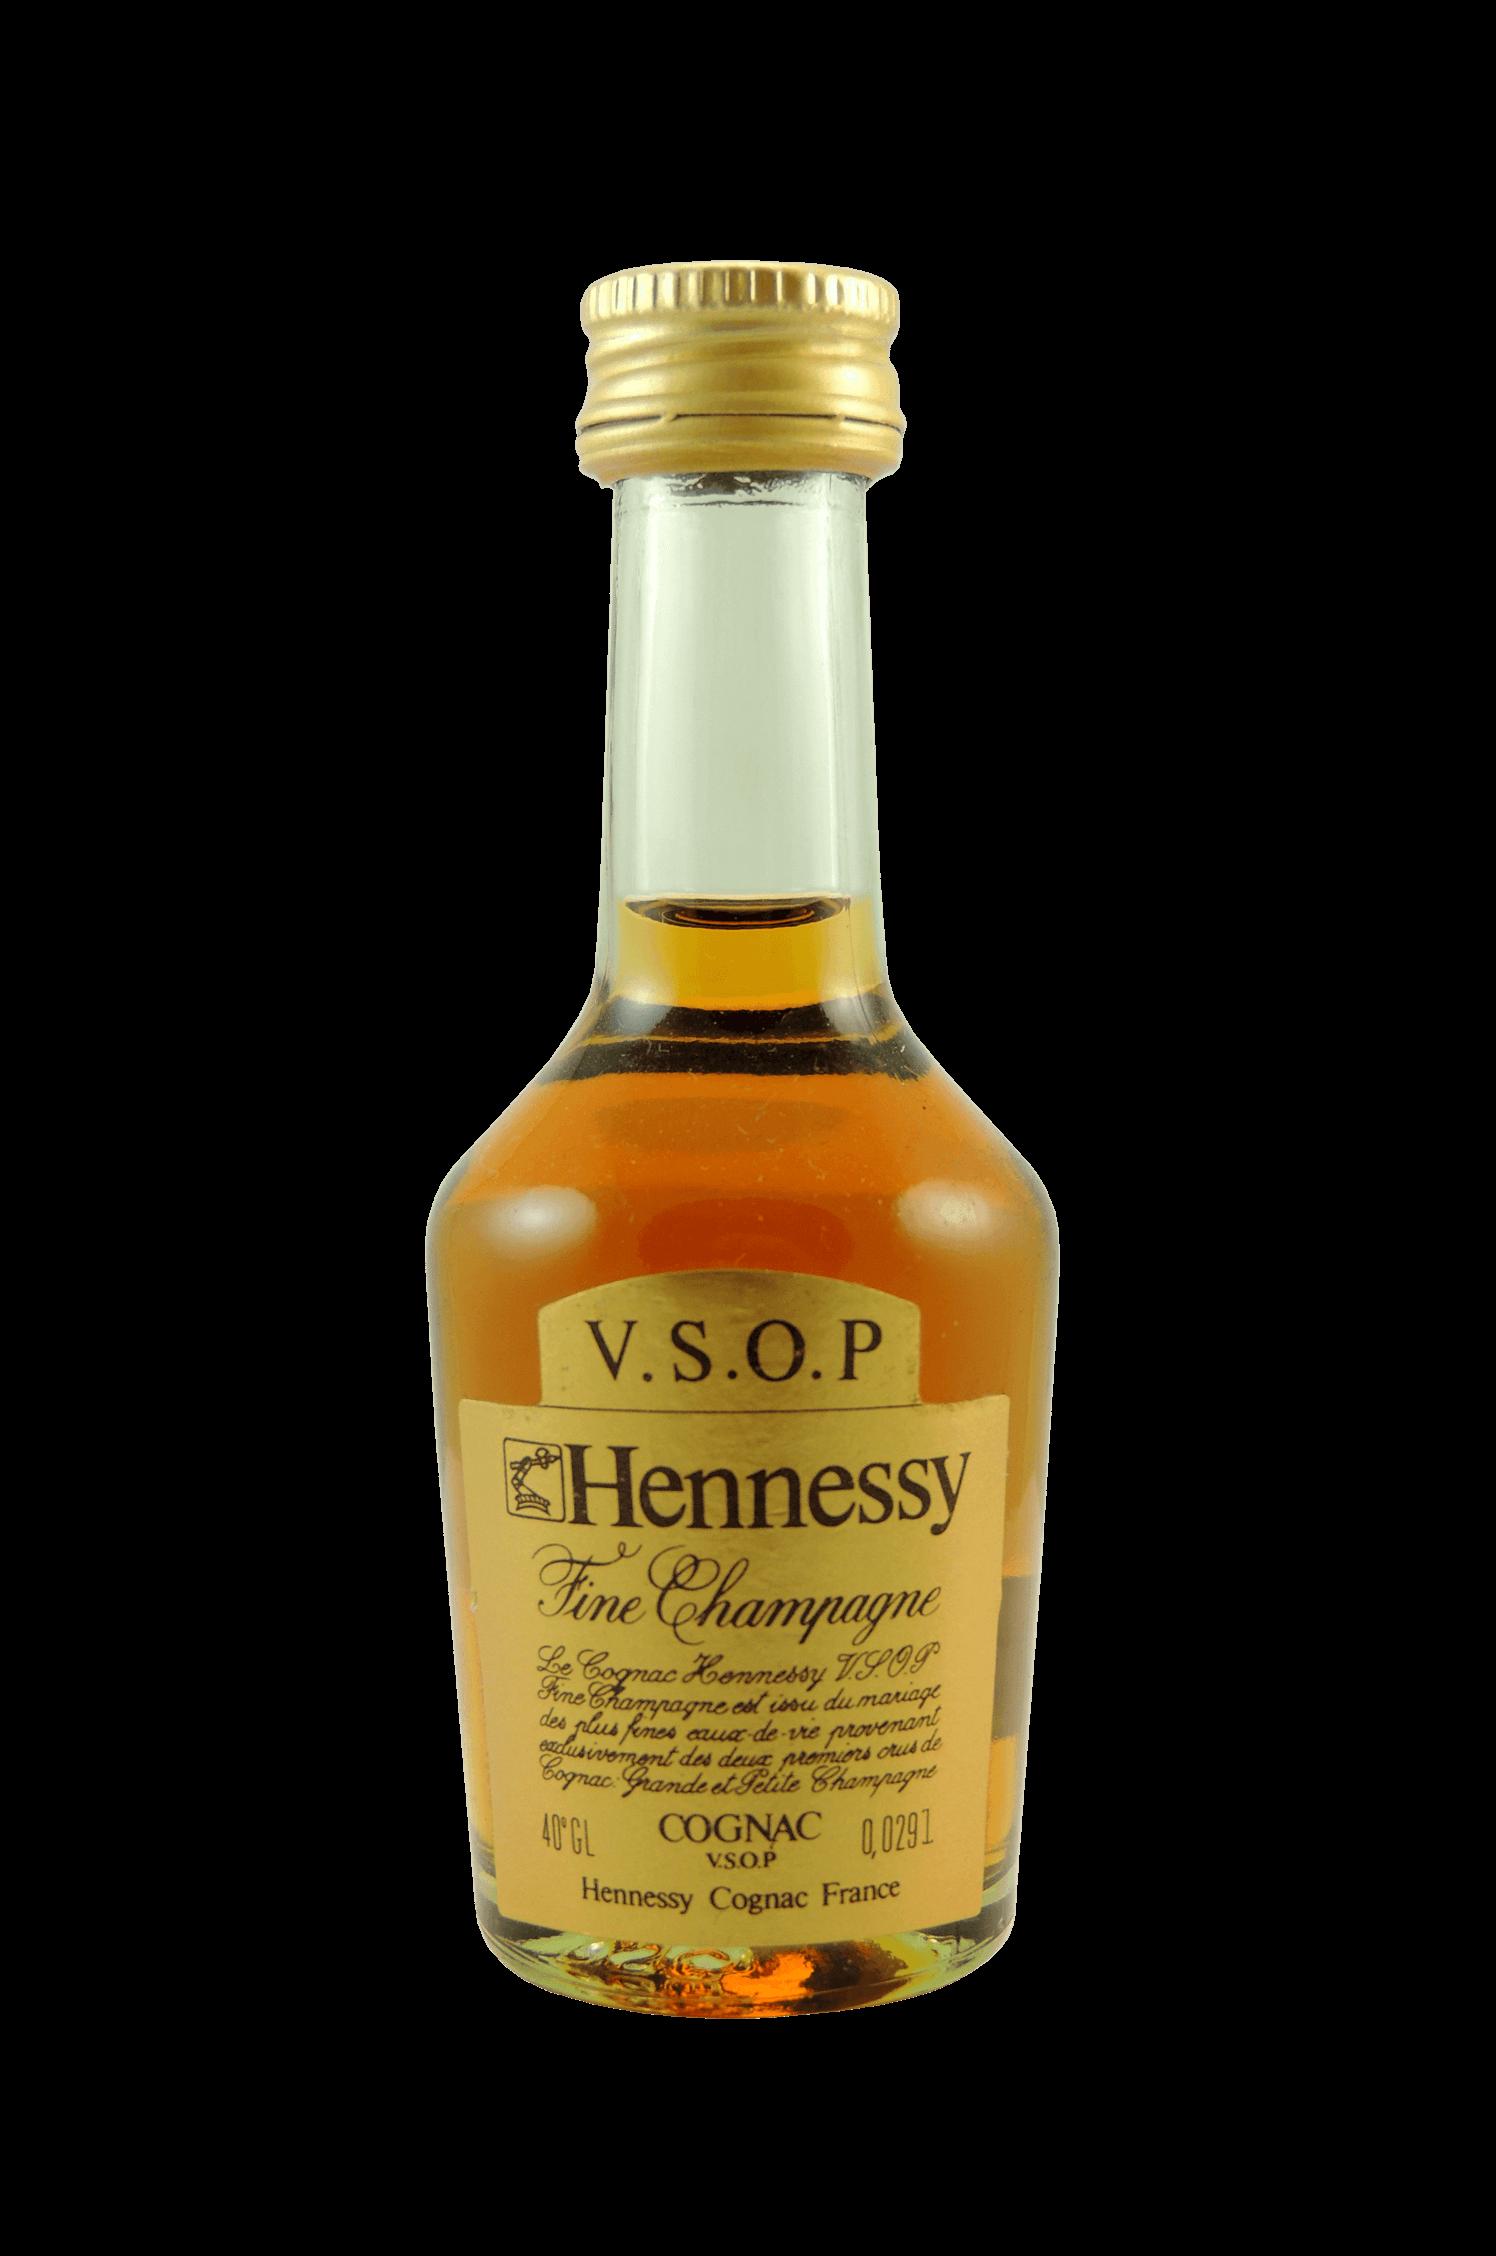 Hennessy Cognac V.S.O.P.